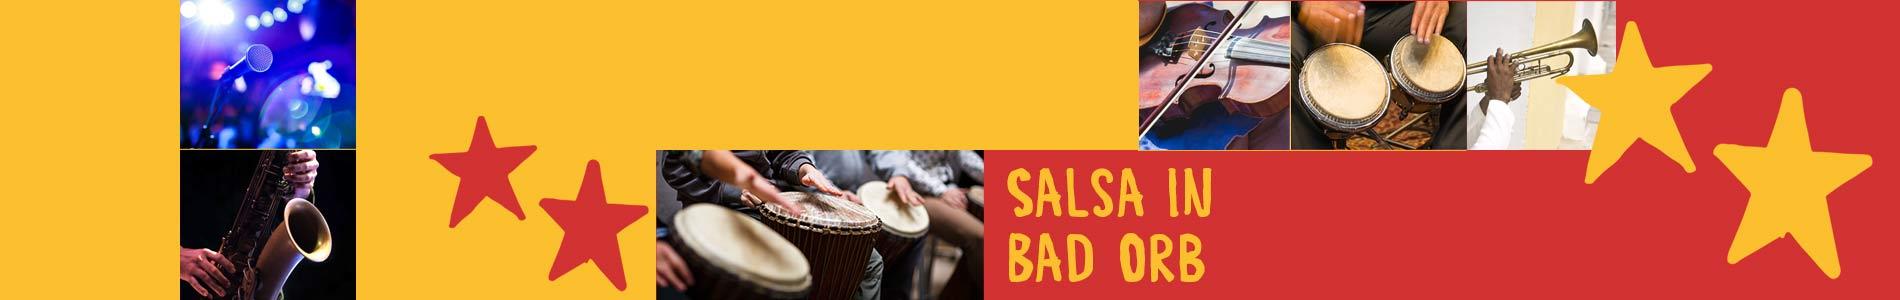 Salsa in Bad Orb – Salsa lernen und tanzen, Tanzkurse, Partys, Veranstaltungen